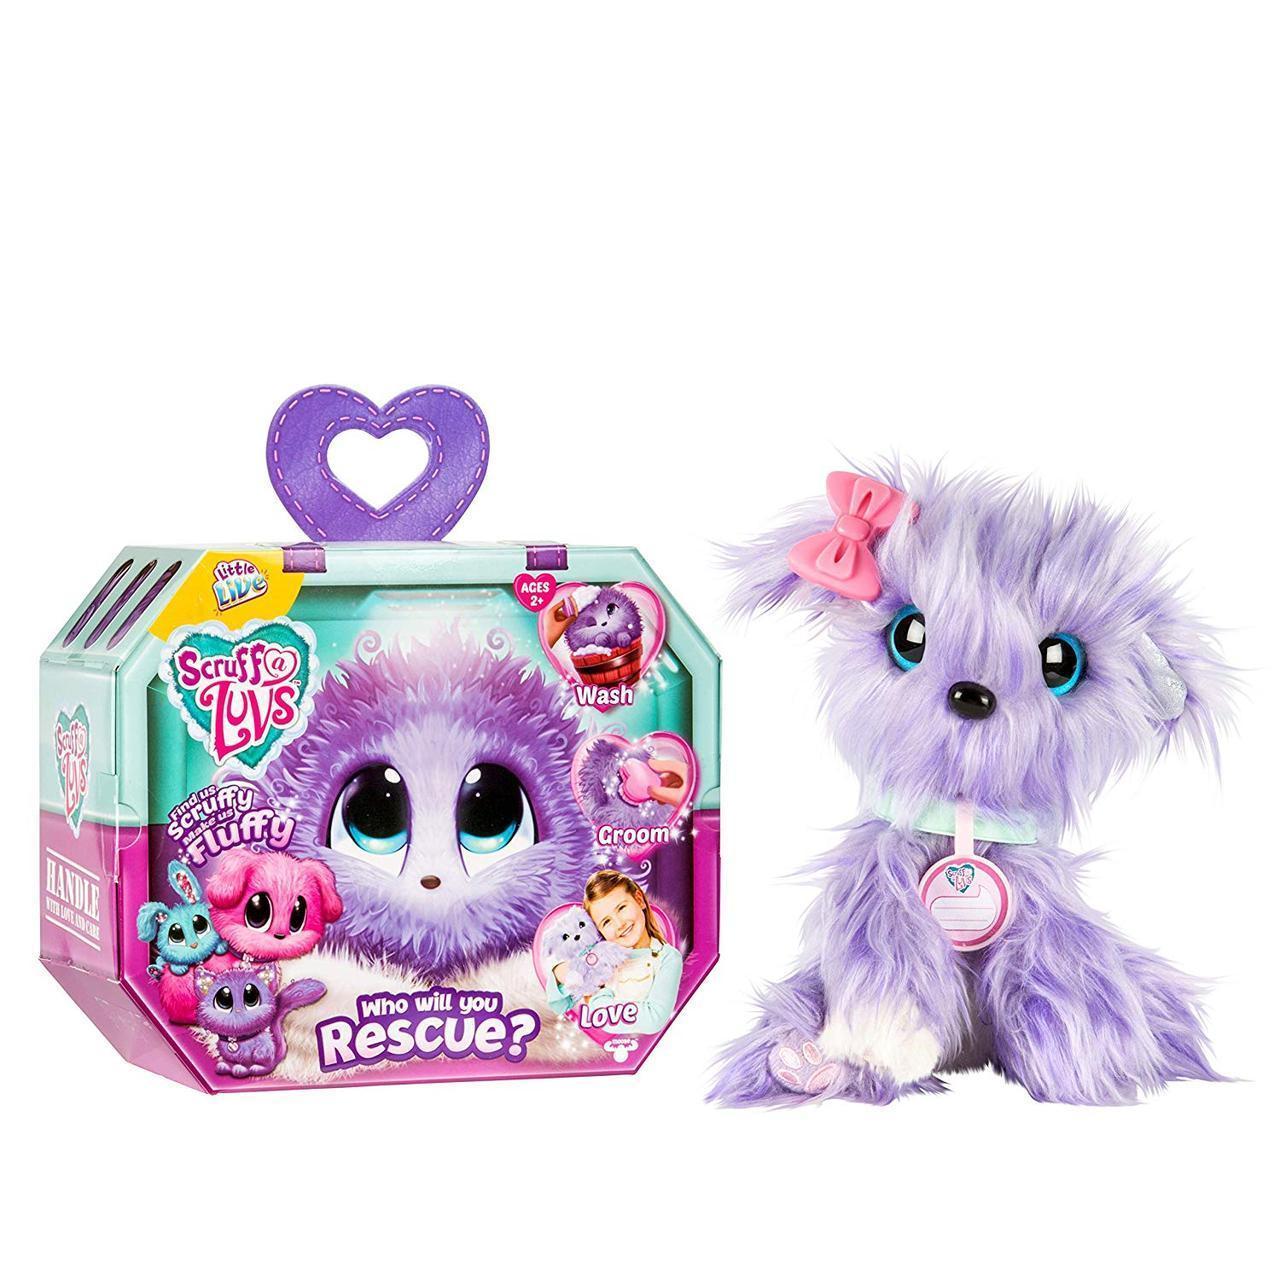 УЦІНКА! Little Live Вихованець сюрприз Няшка блукаюча зурка Фіолетовий Scruff-a-Luvs plush mystery rescue pet Purple